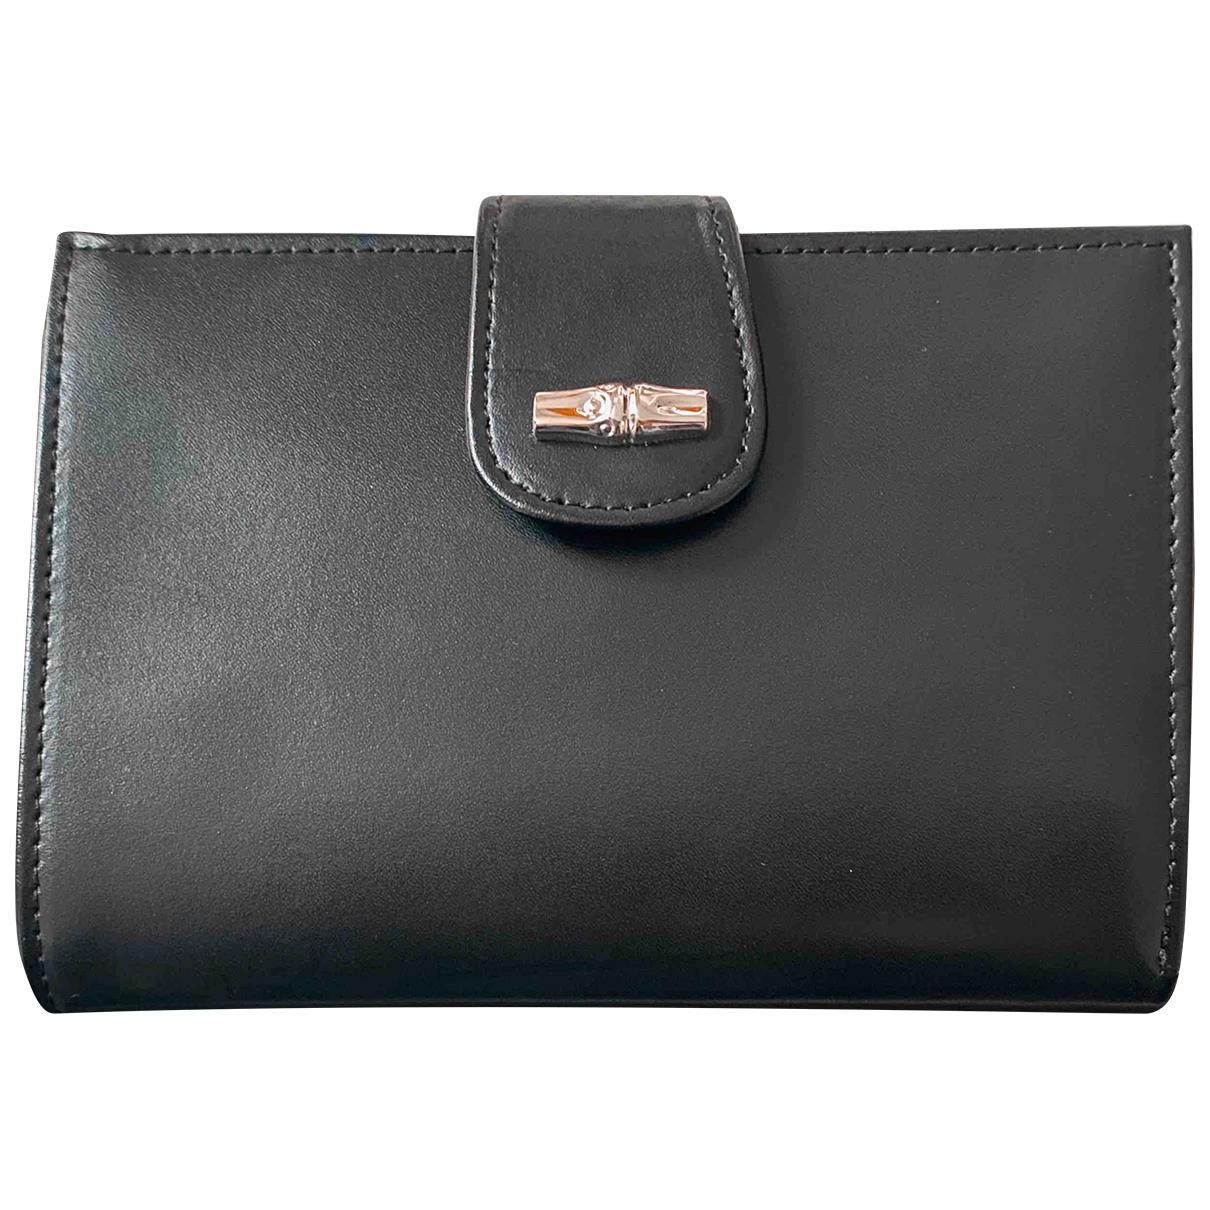 Longchamp - Portefeuille   pour femme en cuir - noir